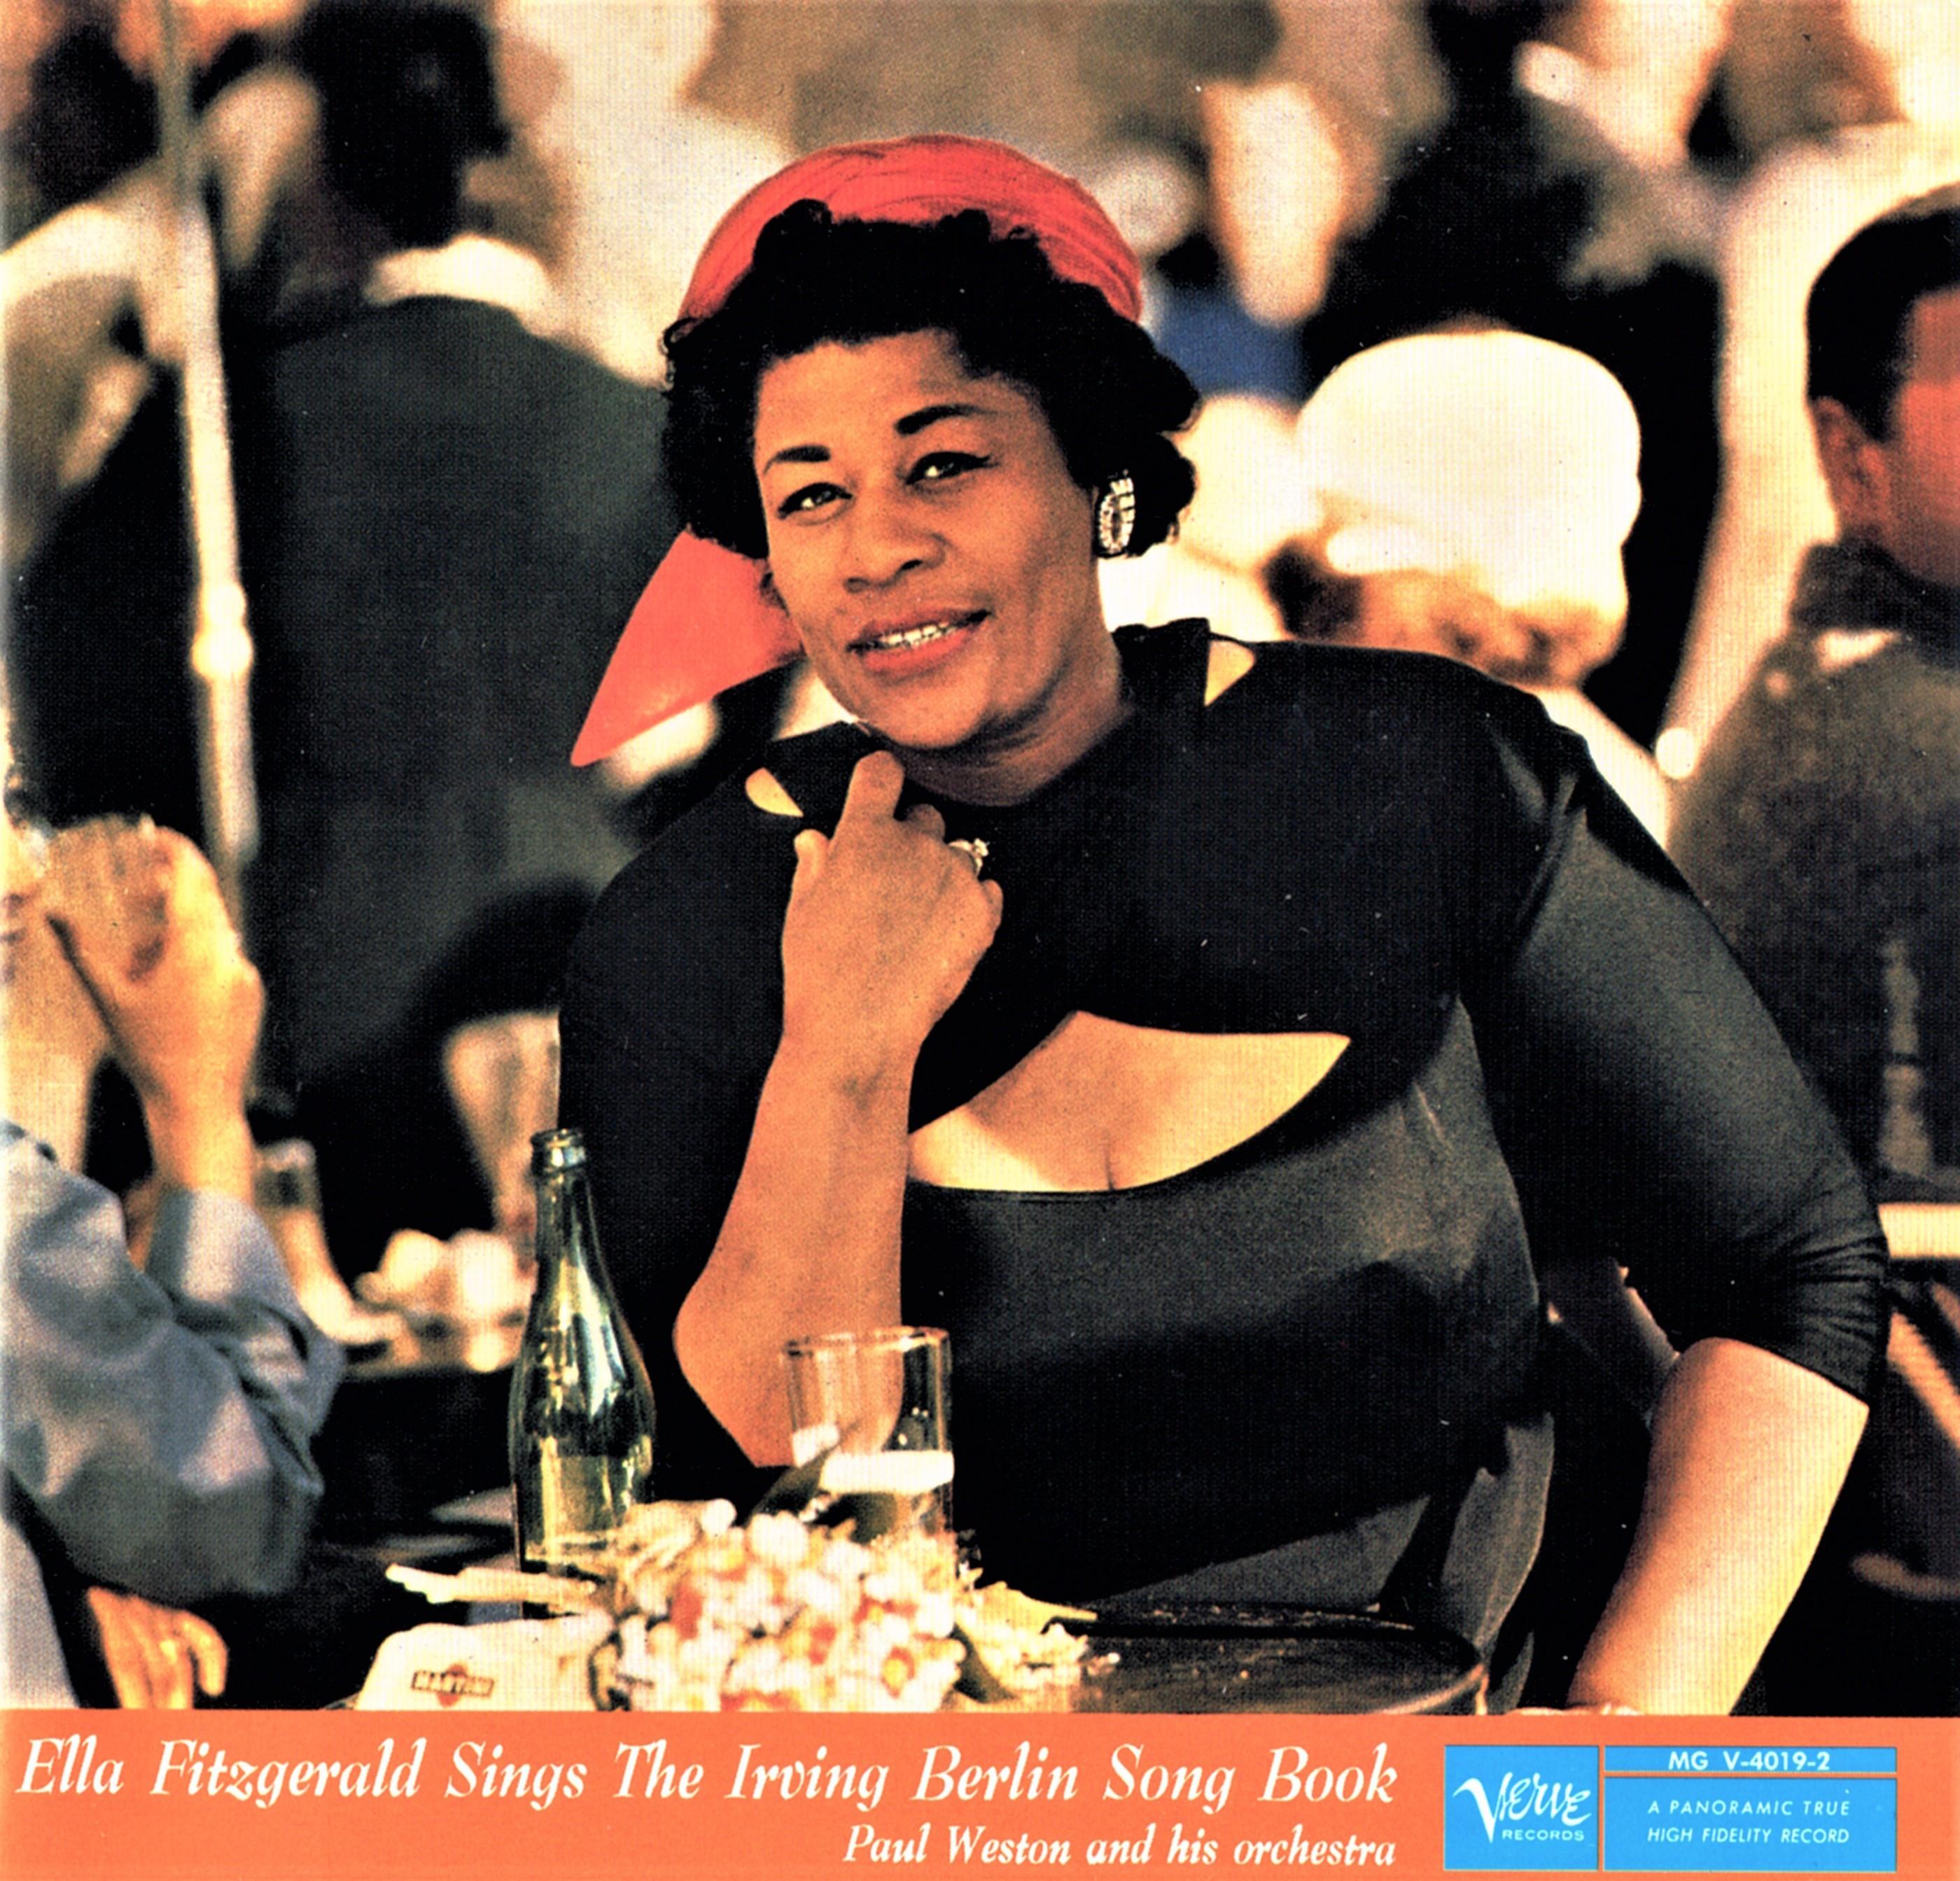 女性ジャズ歌手の最高峰エラ・フィツジェラルドが、1958年に吹き込んだ「アーヴィング・バーリン・ソングブック」(2枚組)。軽快にスウィングするナンバーからバラードまで名唱揃いだ(輸入盤CD)。